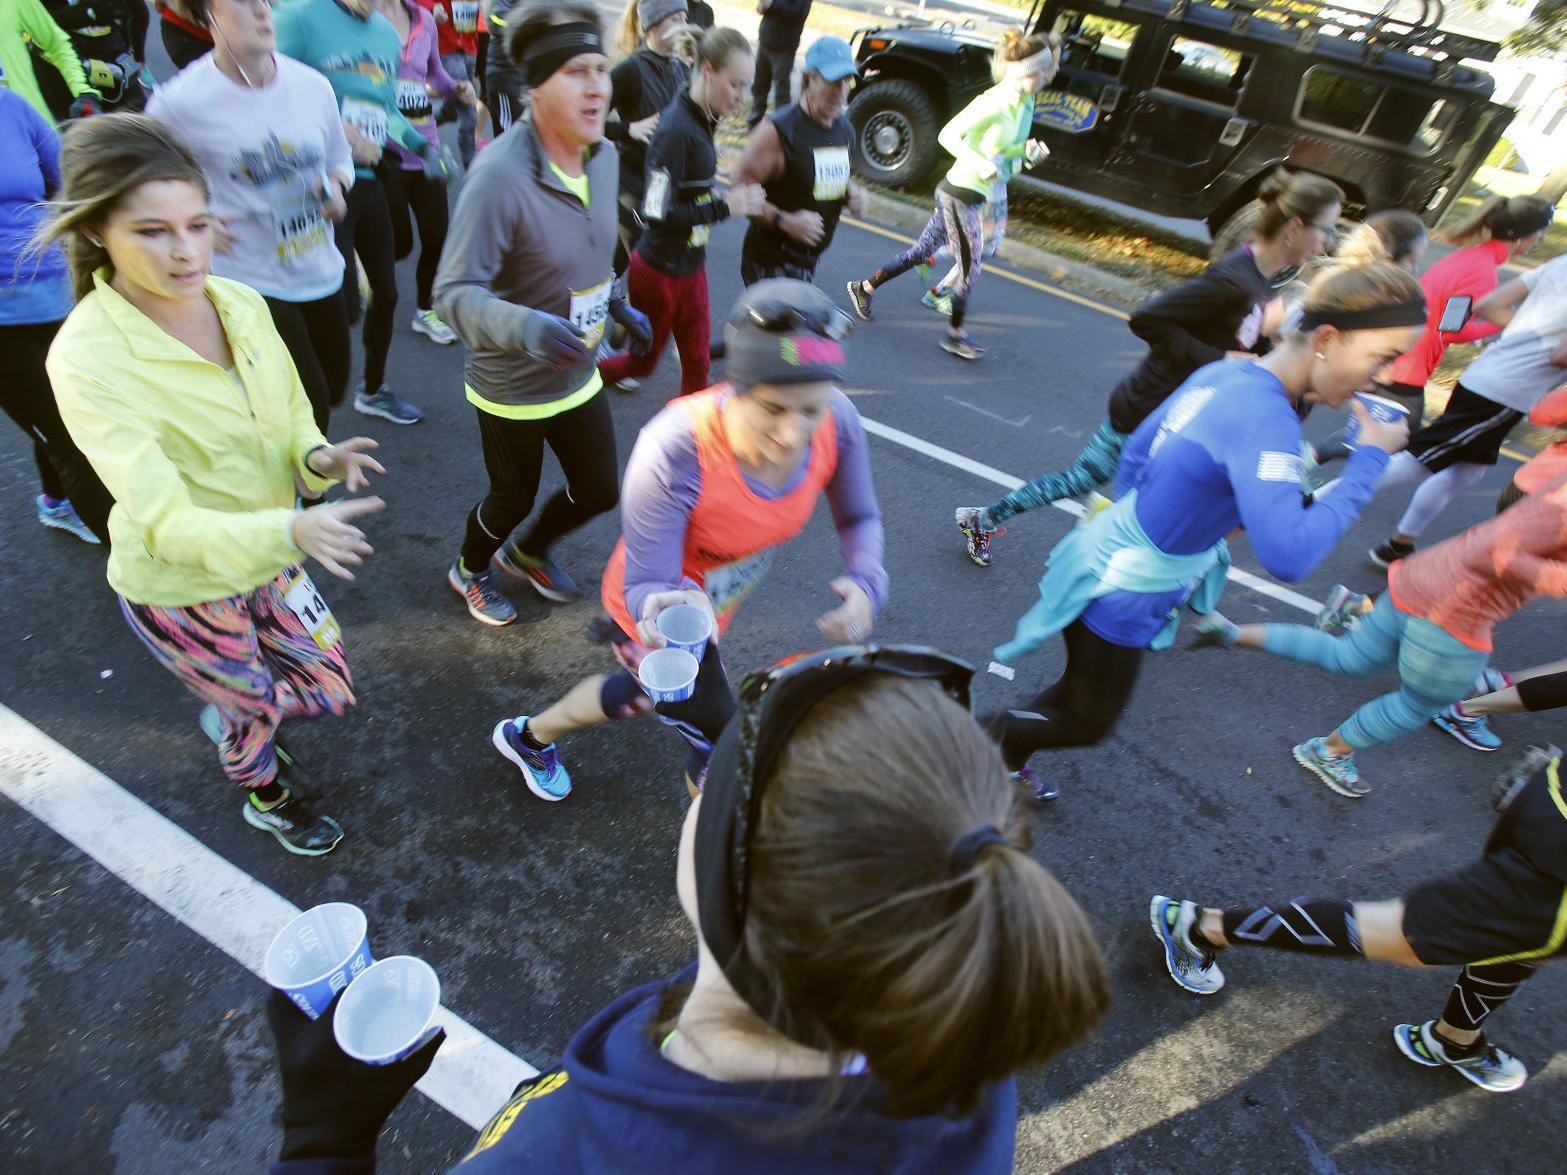 Marathon Results Local Richmond Com Cyberattack on an air force base. marathon results local richmond com